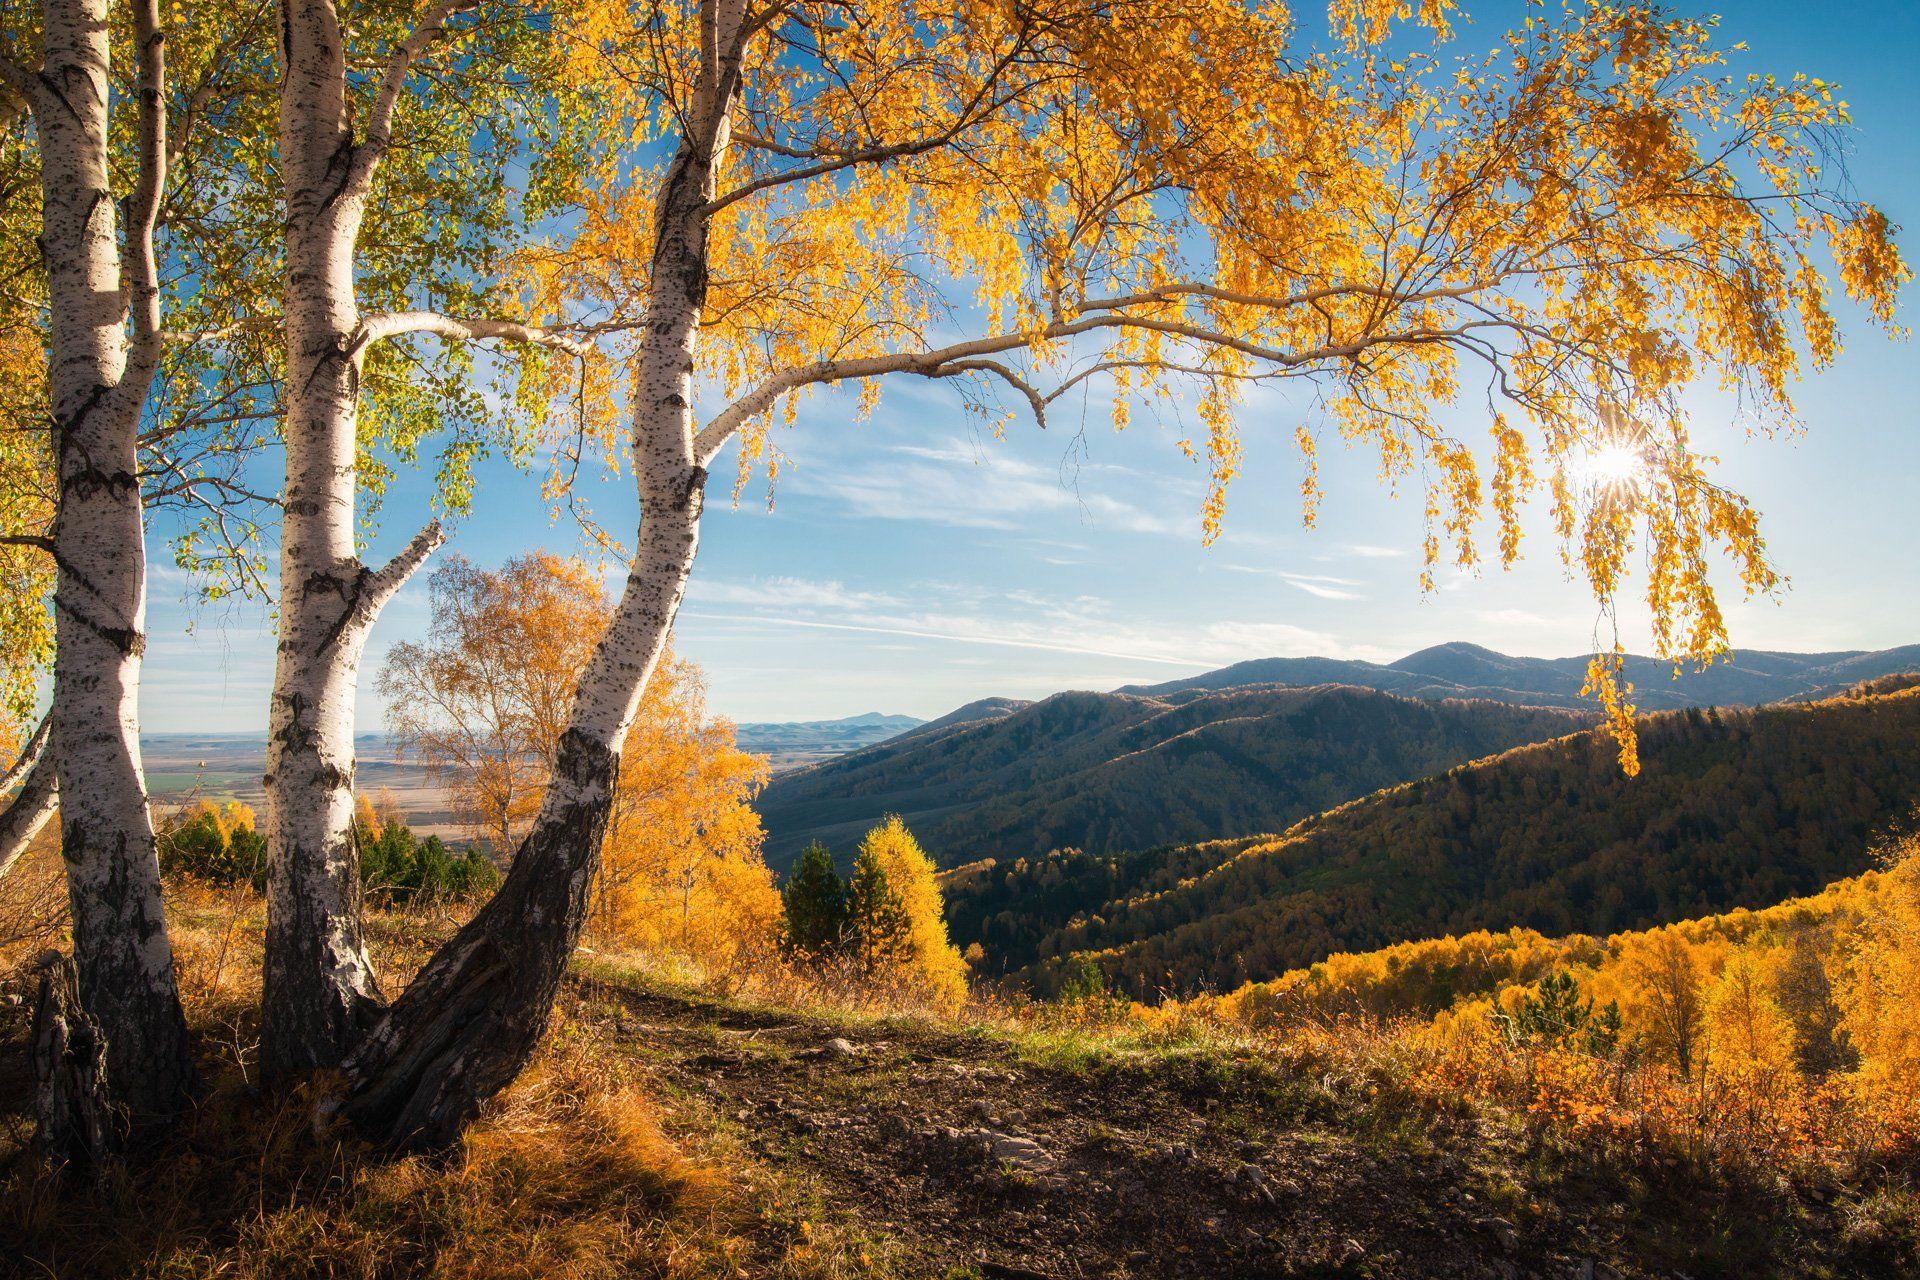 алтай, осень, солнце, восход, утро, золото, береза, белокуриха, горы, горизонт, листья, дерево, небо, синий, Павел Силиненко